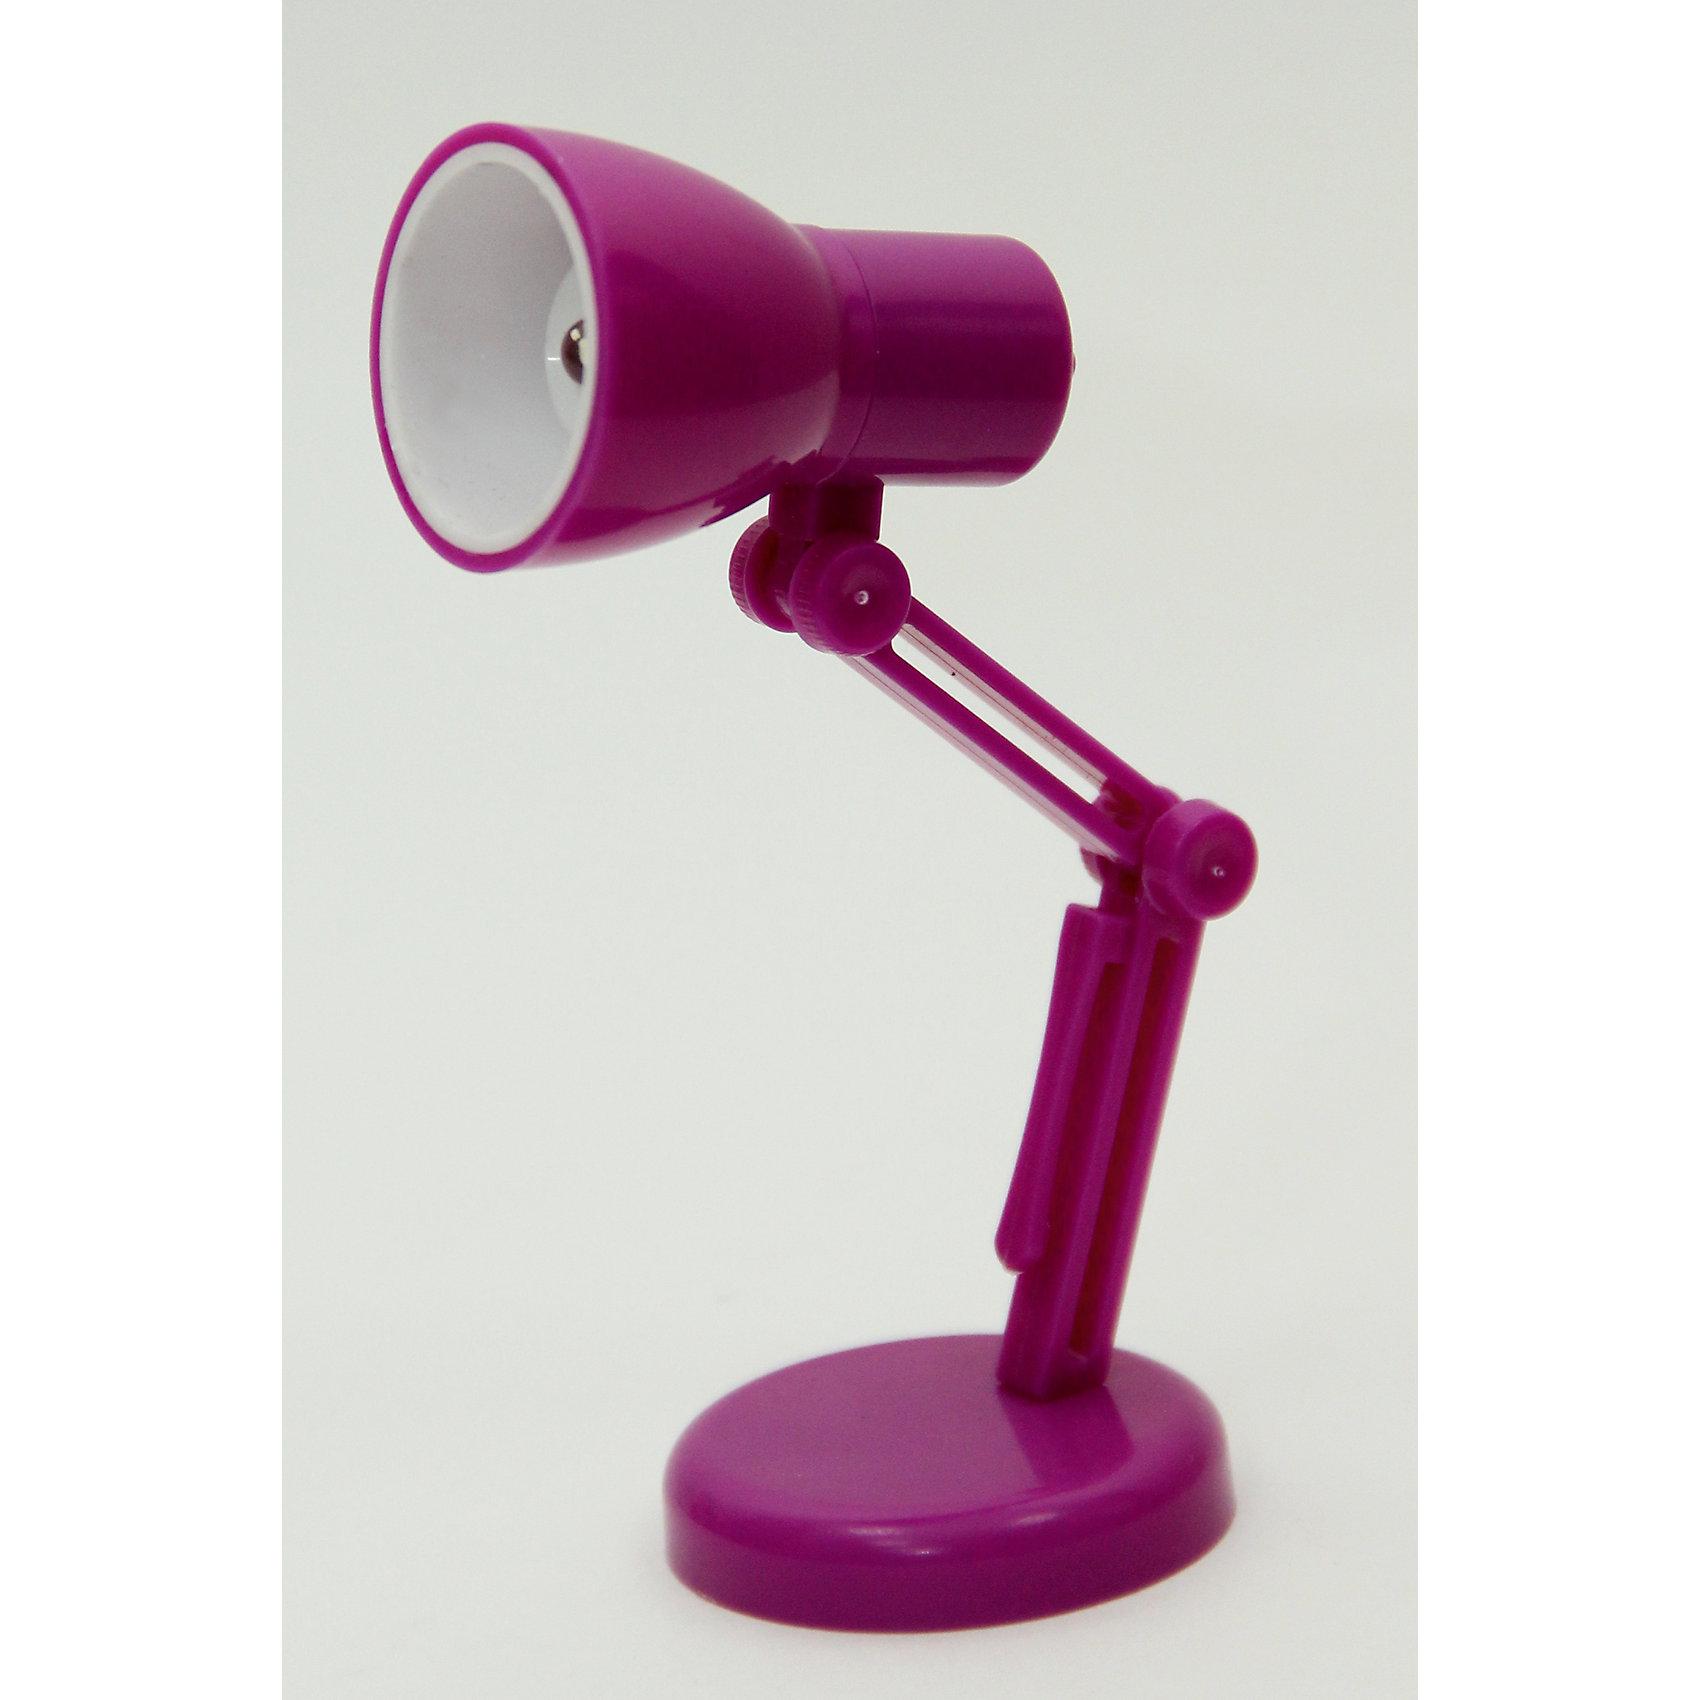 Фонарь портативный Минилампа фиолетовая электрический со светодиодной лампой, Феникс-ПрезентЛампы, ночники, фонарики<br>Фонарь портативный Минилампа фиолетовая электрический со светодиодной лампой, Феникс-Презент<br><br>Характеристики:<br><br>• компактный фонарик со светодиодной лампой<br>• размер: 12х4,6 см<br>• корпус из АБС пластика<br>• светодиодная лампа DIA 5 мм<br>• питание: батарейка AG 10 - 3 шт.<br>• цвет: фиолетовый<br><br>С портативным фонариком Минилампа фиолетовая вы сможете найти потерянные предметы или даже почитать в темноте. Компактный размер позволяет брать фонарик с собой. При этом светодиодные лампы обладают достаточной мощностью для полноценного освещения. Корпус изделия изготовлен из ударопрочного пластика. Фонарик выполнен в виде лампы.<br><br>Фонарь портативный Минилампа фиолетовая электрический со светодиодной лампой, Феникс-Презент можно купить в нашем интернет-магазине.<br><br>Ширина мм: 50<br>Глубина мм: 60<br>Высота мм: 120<br>Вес г: 56<br>Возраст от месяцев: 36<br>Возраст до месяцев: 2147483647<br>Пол: Унисекс<br>Возраст: Детский<br>SKU: 5449686